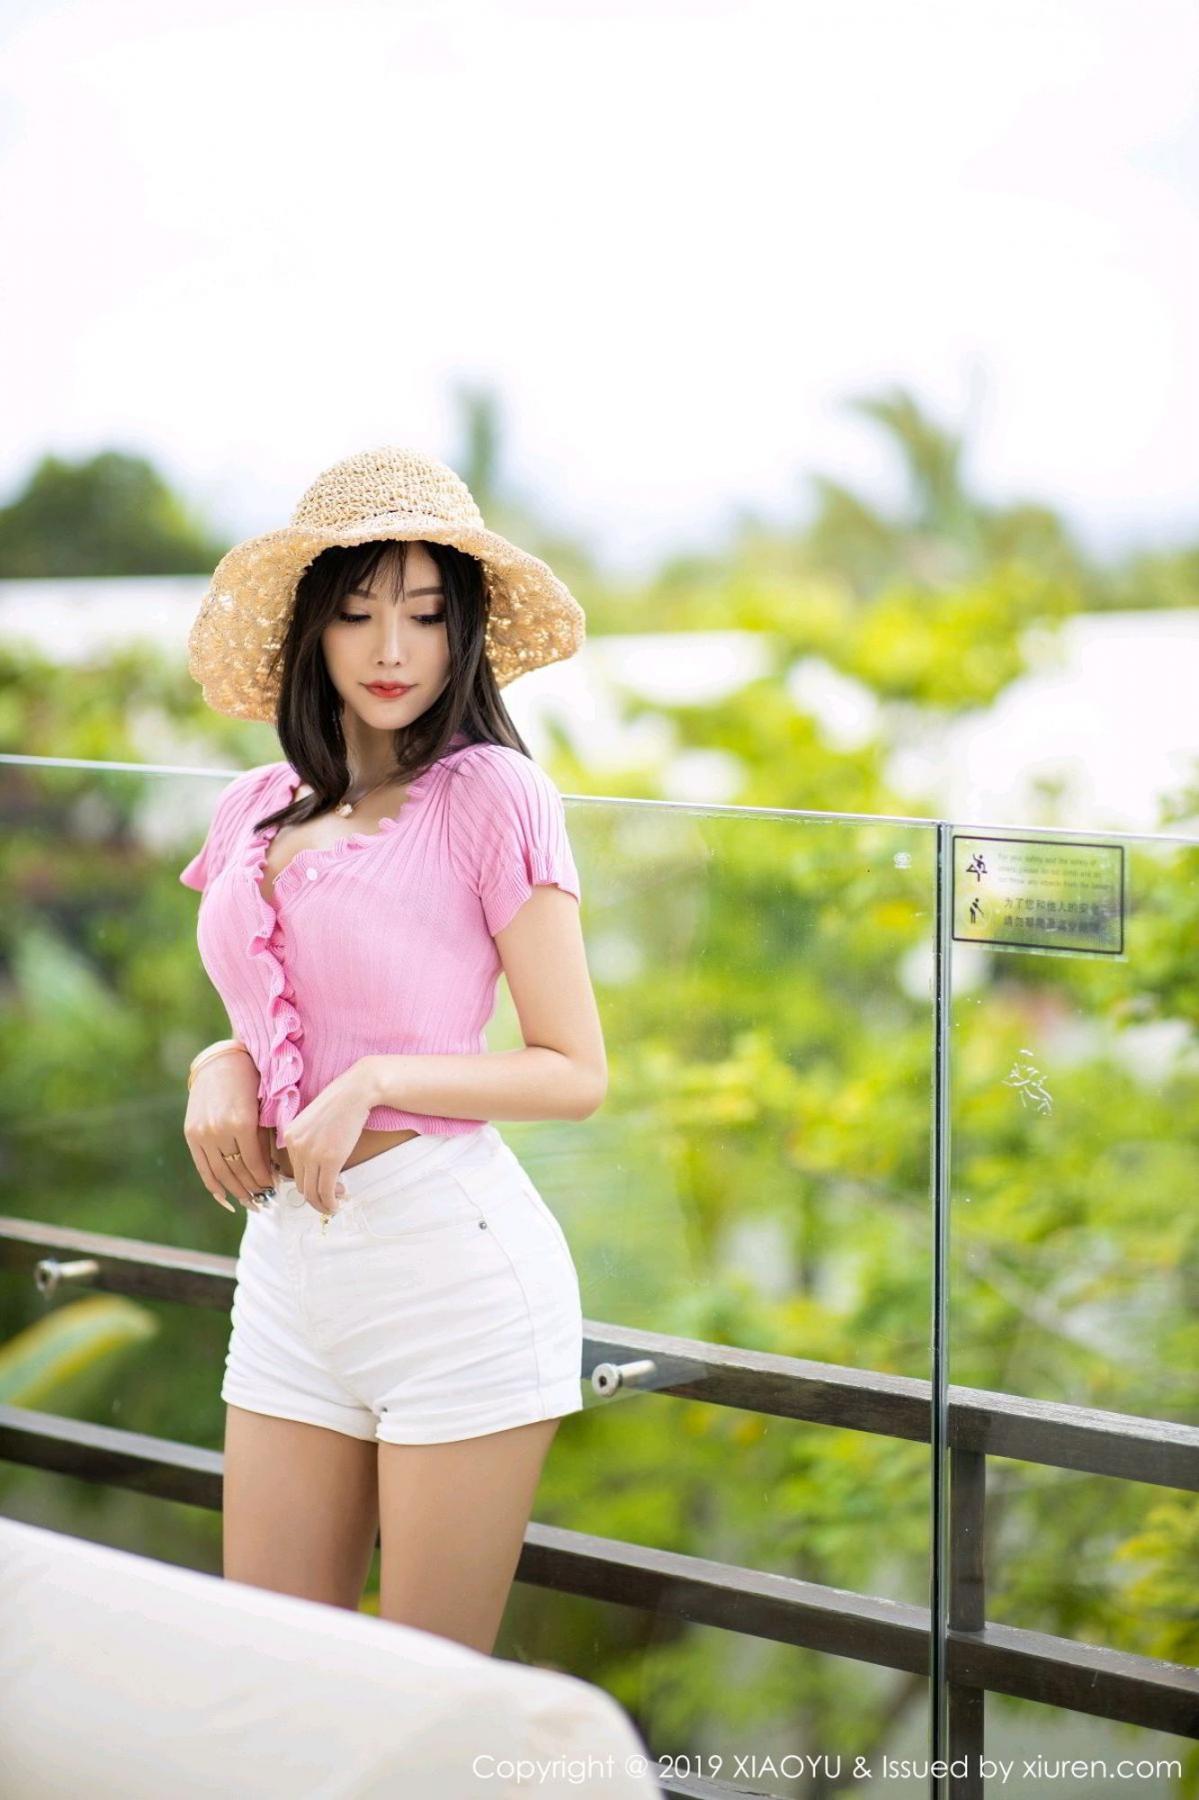 [XiaoYu] Vol.169 Yang Chen Chen 4P, Outdoor, Underwear, XiaoYu, Yang Chen Chen